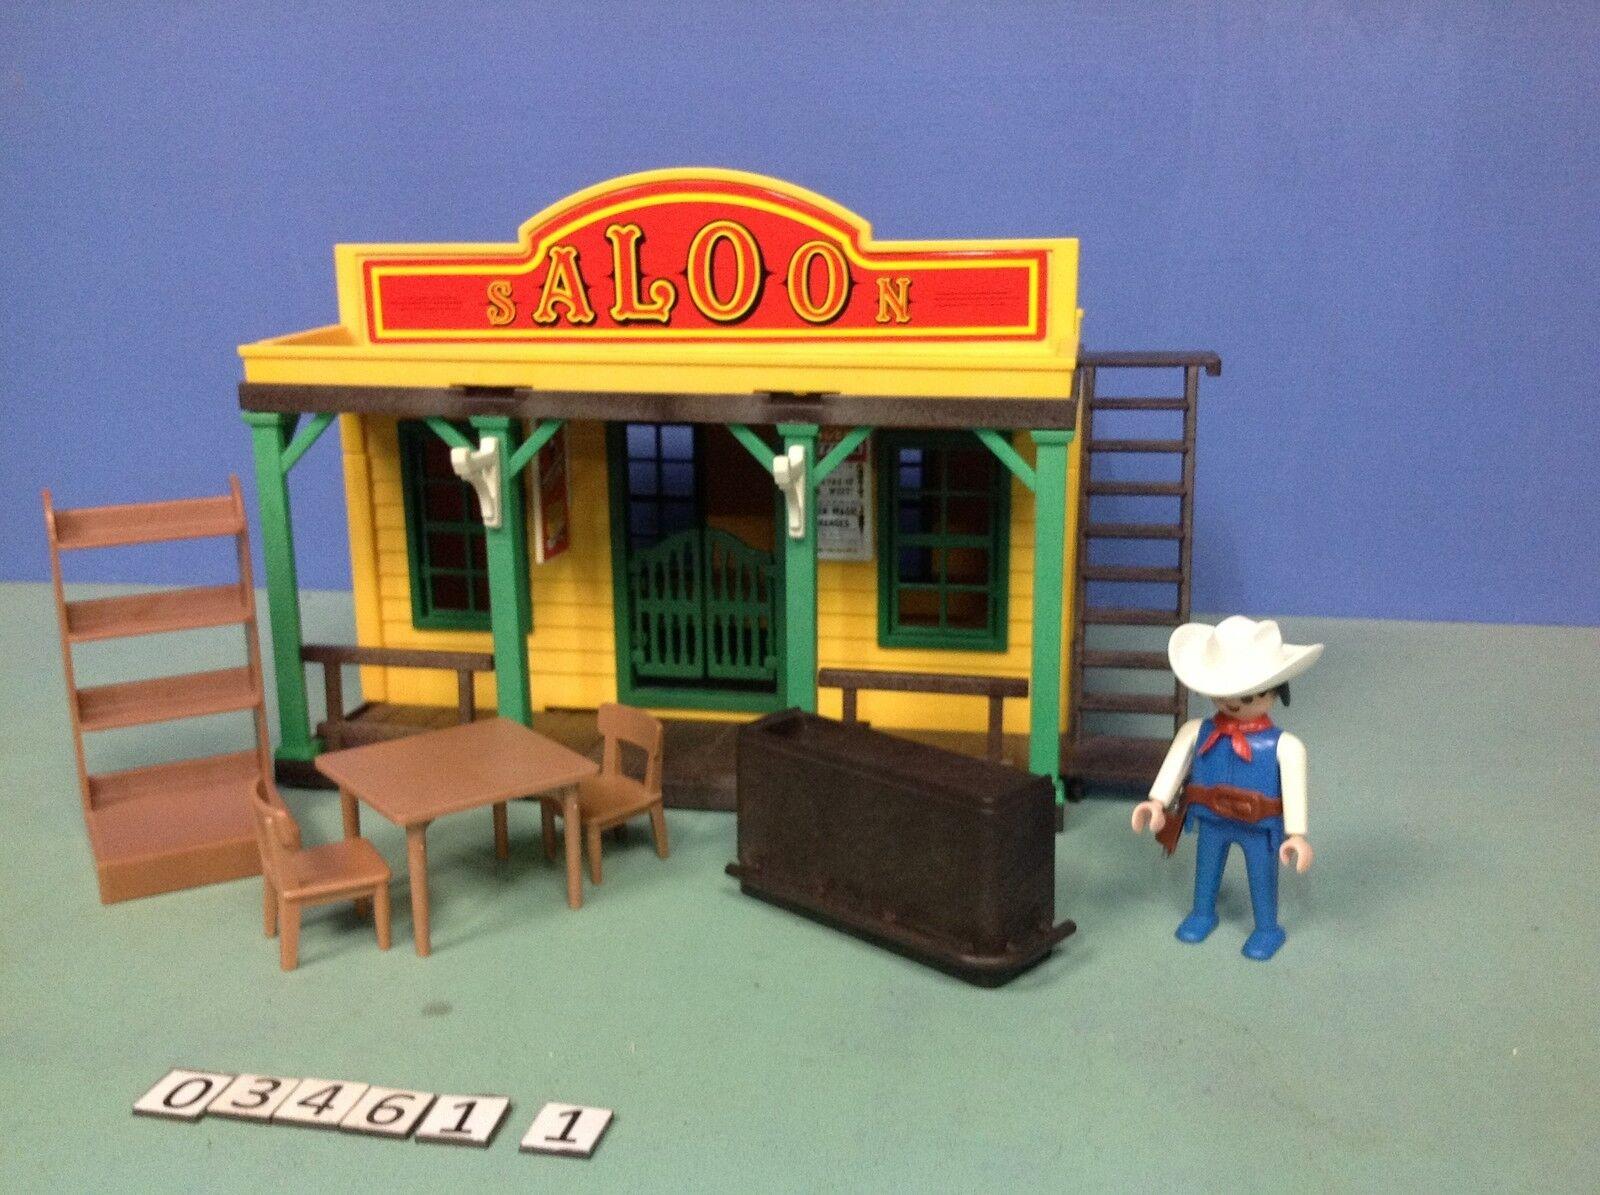 (O3461.1) playmobil Saloon western  ref 3461  supporto al dettaglio all'ingrosso